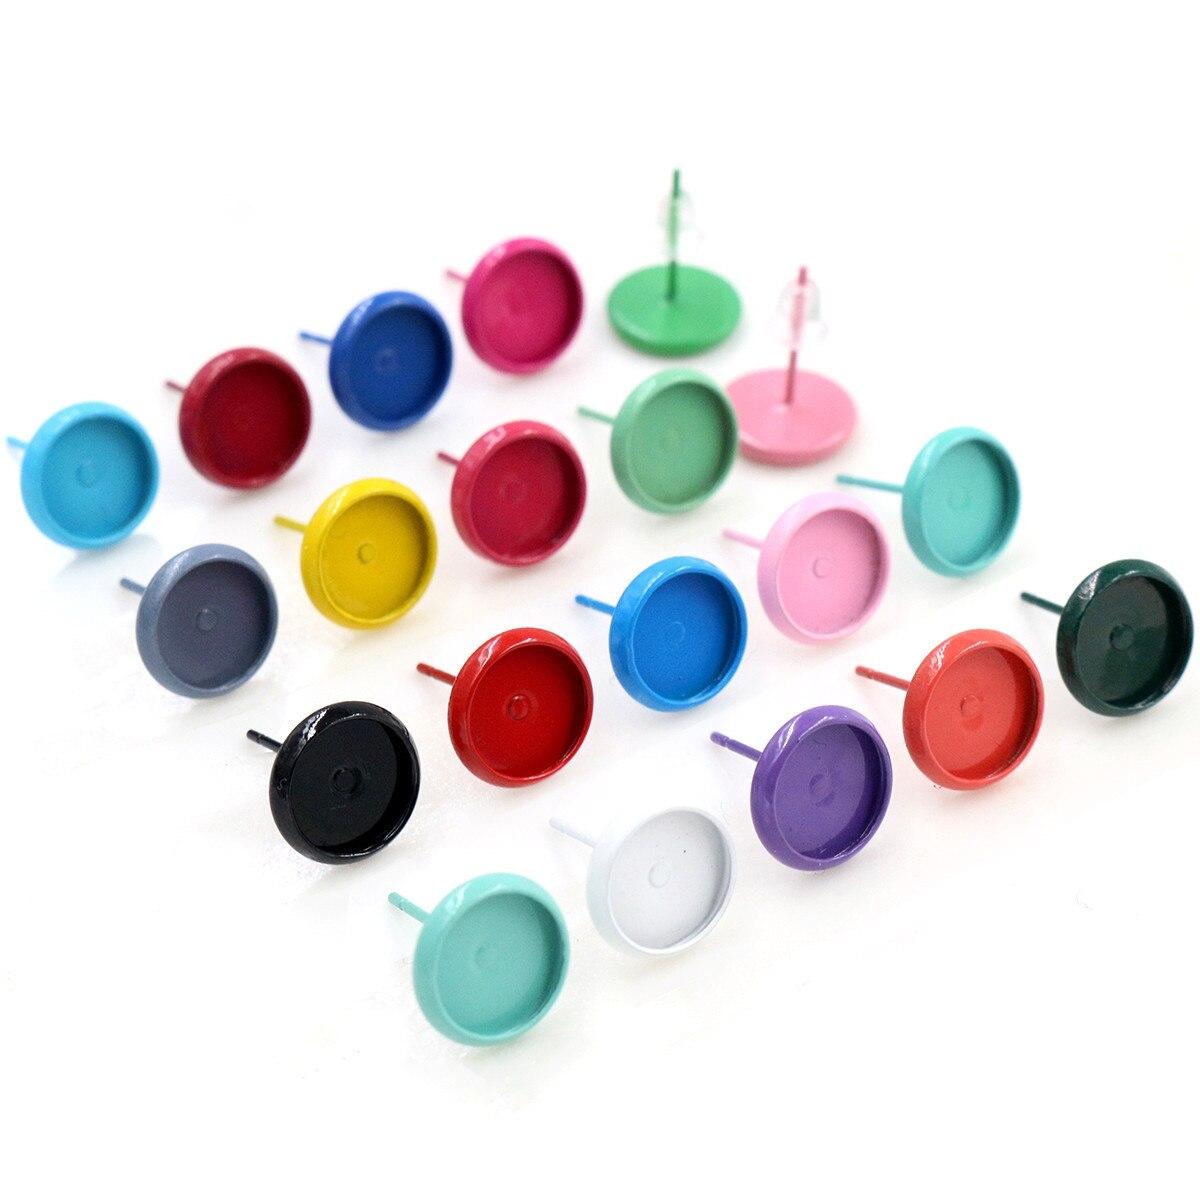 (Новые цвета) 8 мм 10 мм 12 мм 20 шт./лот 21 цвет позолоченные серьги шпильки, серьги пустые/основание, подходят 8 мм Стеклянные Кабошоны, серьги Нас...